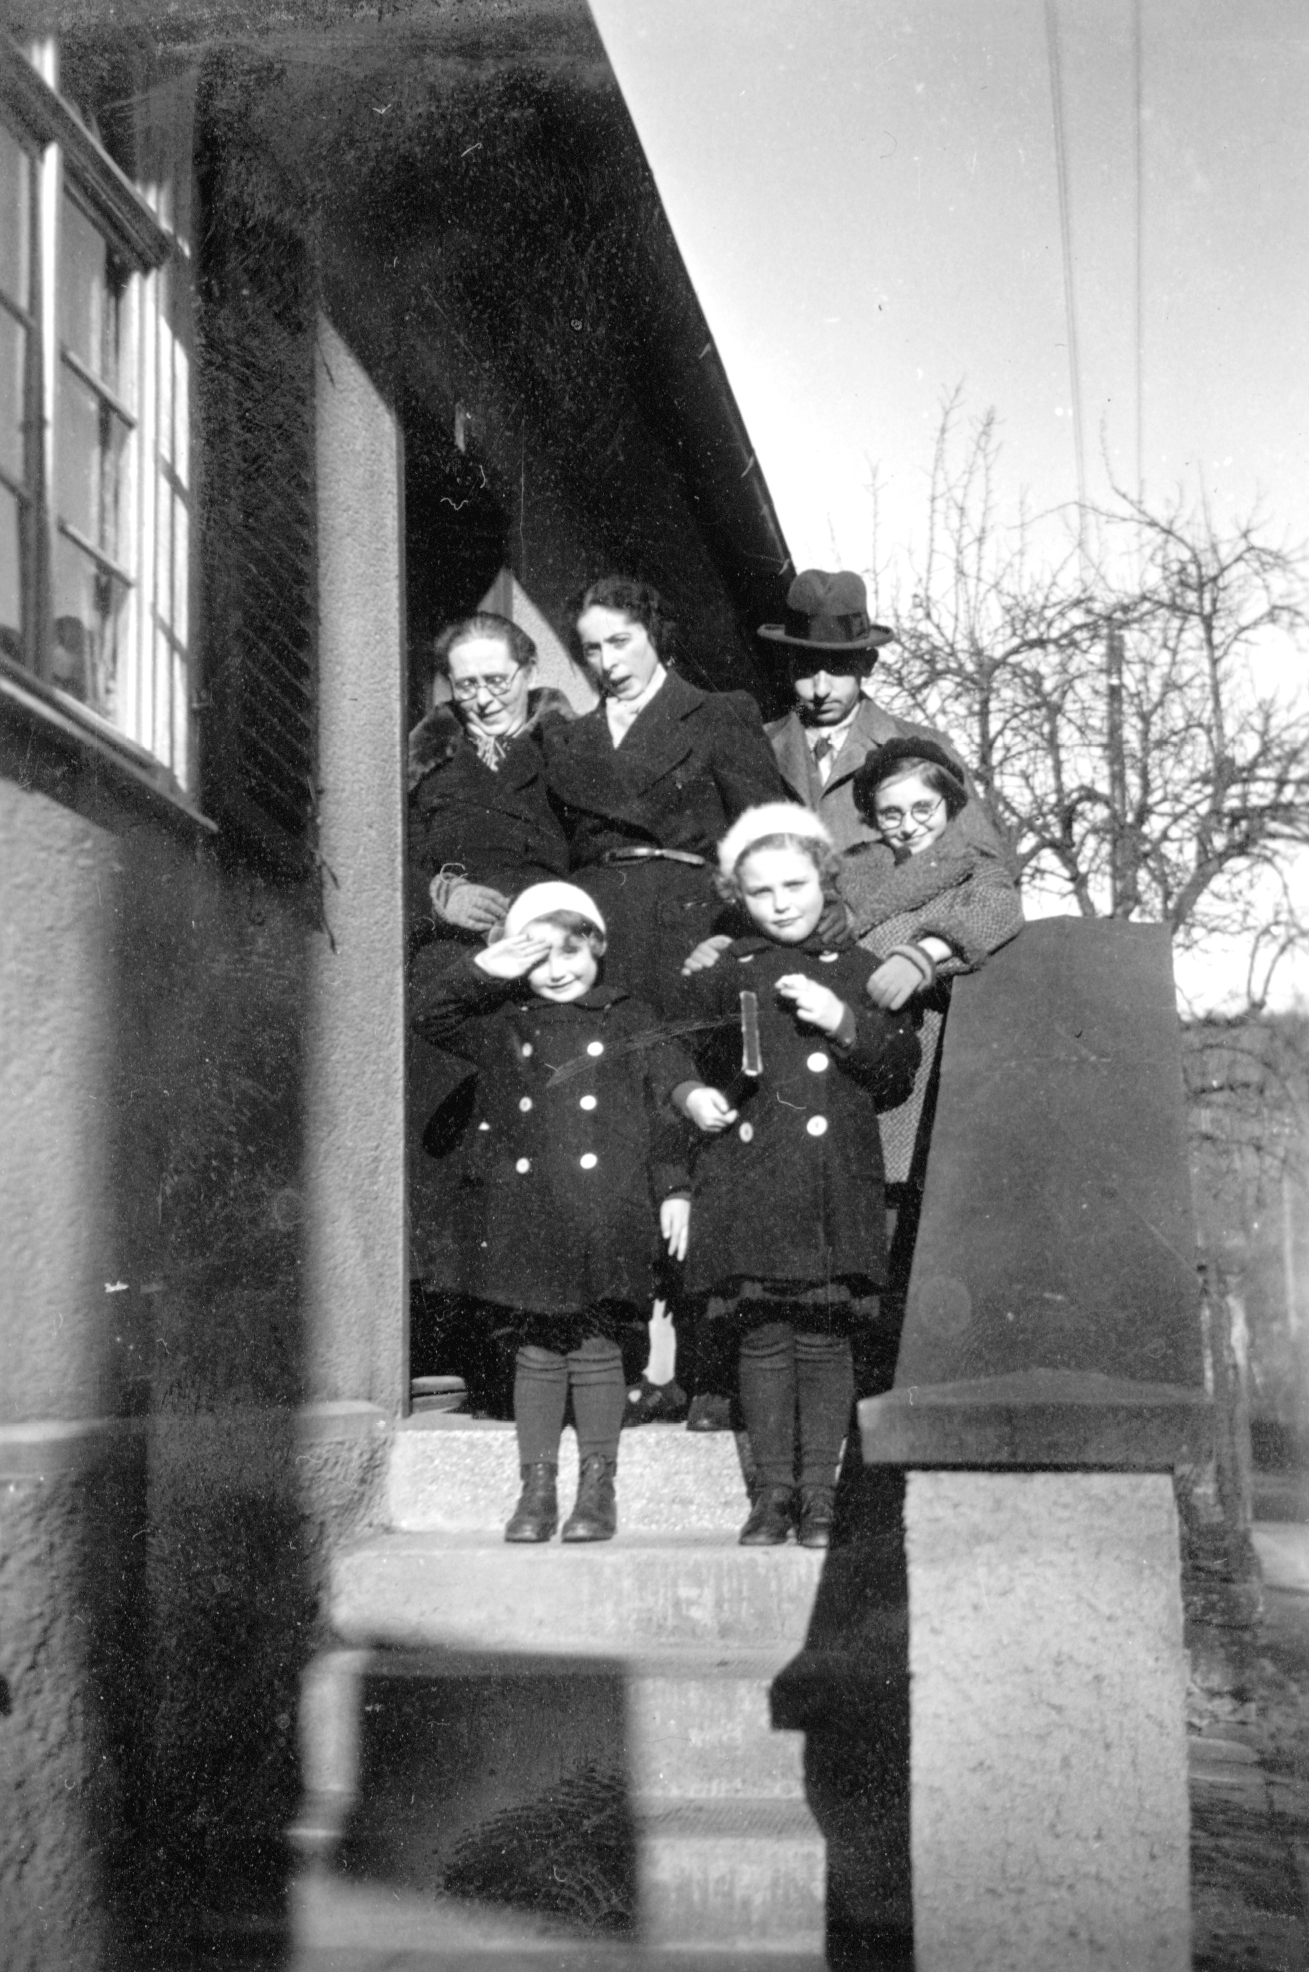 Familie Rindsberg zu Besuch in Freudental. Zilli mit Schwester Betti Stein, Ehemann Ludwig Rindsberg und Tochter Hannelore. Vorn die Nichten Beate und Hanna.